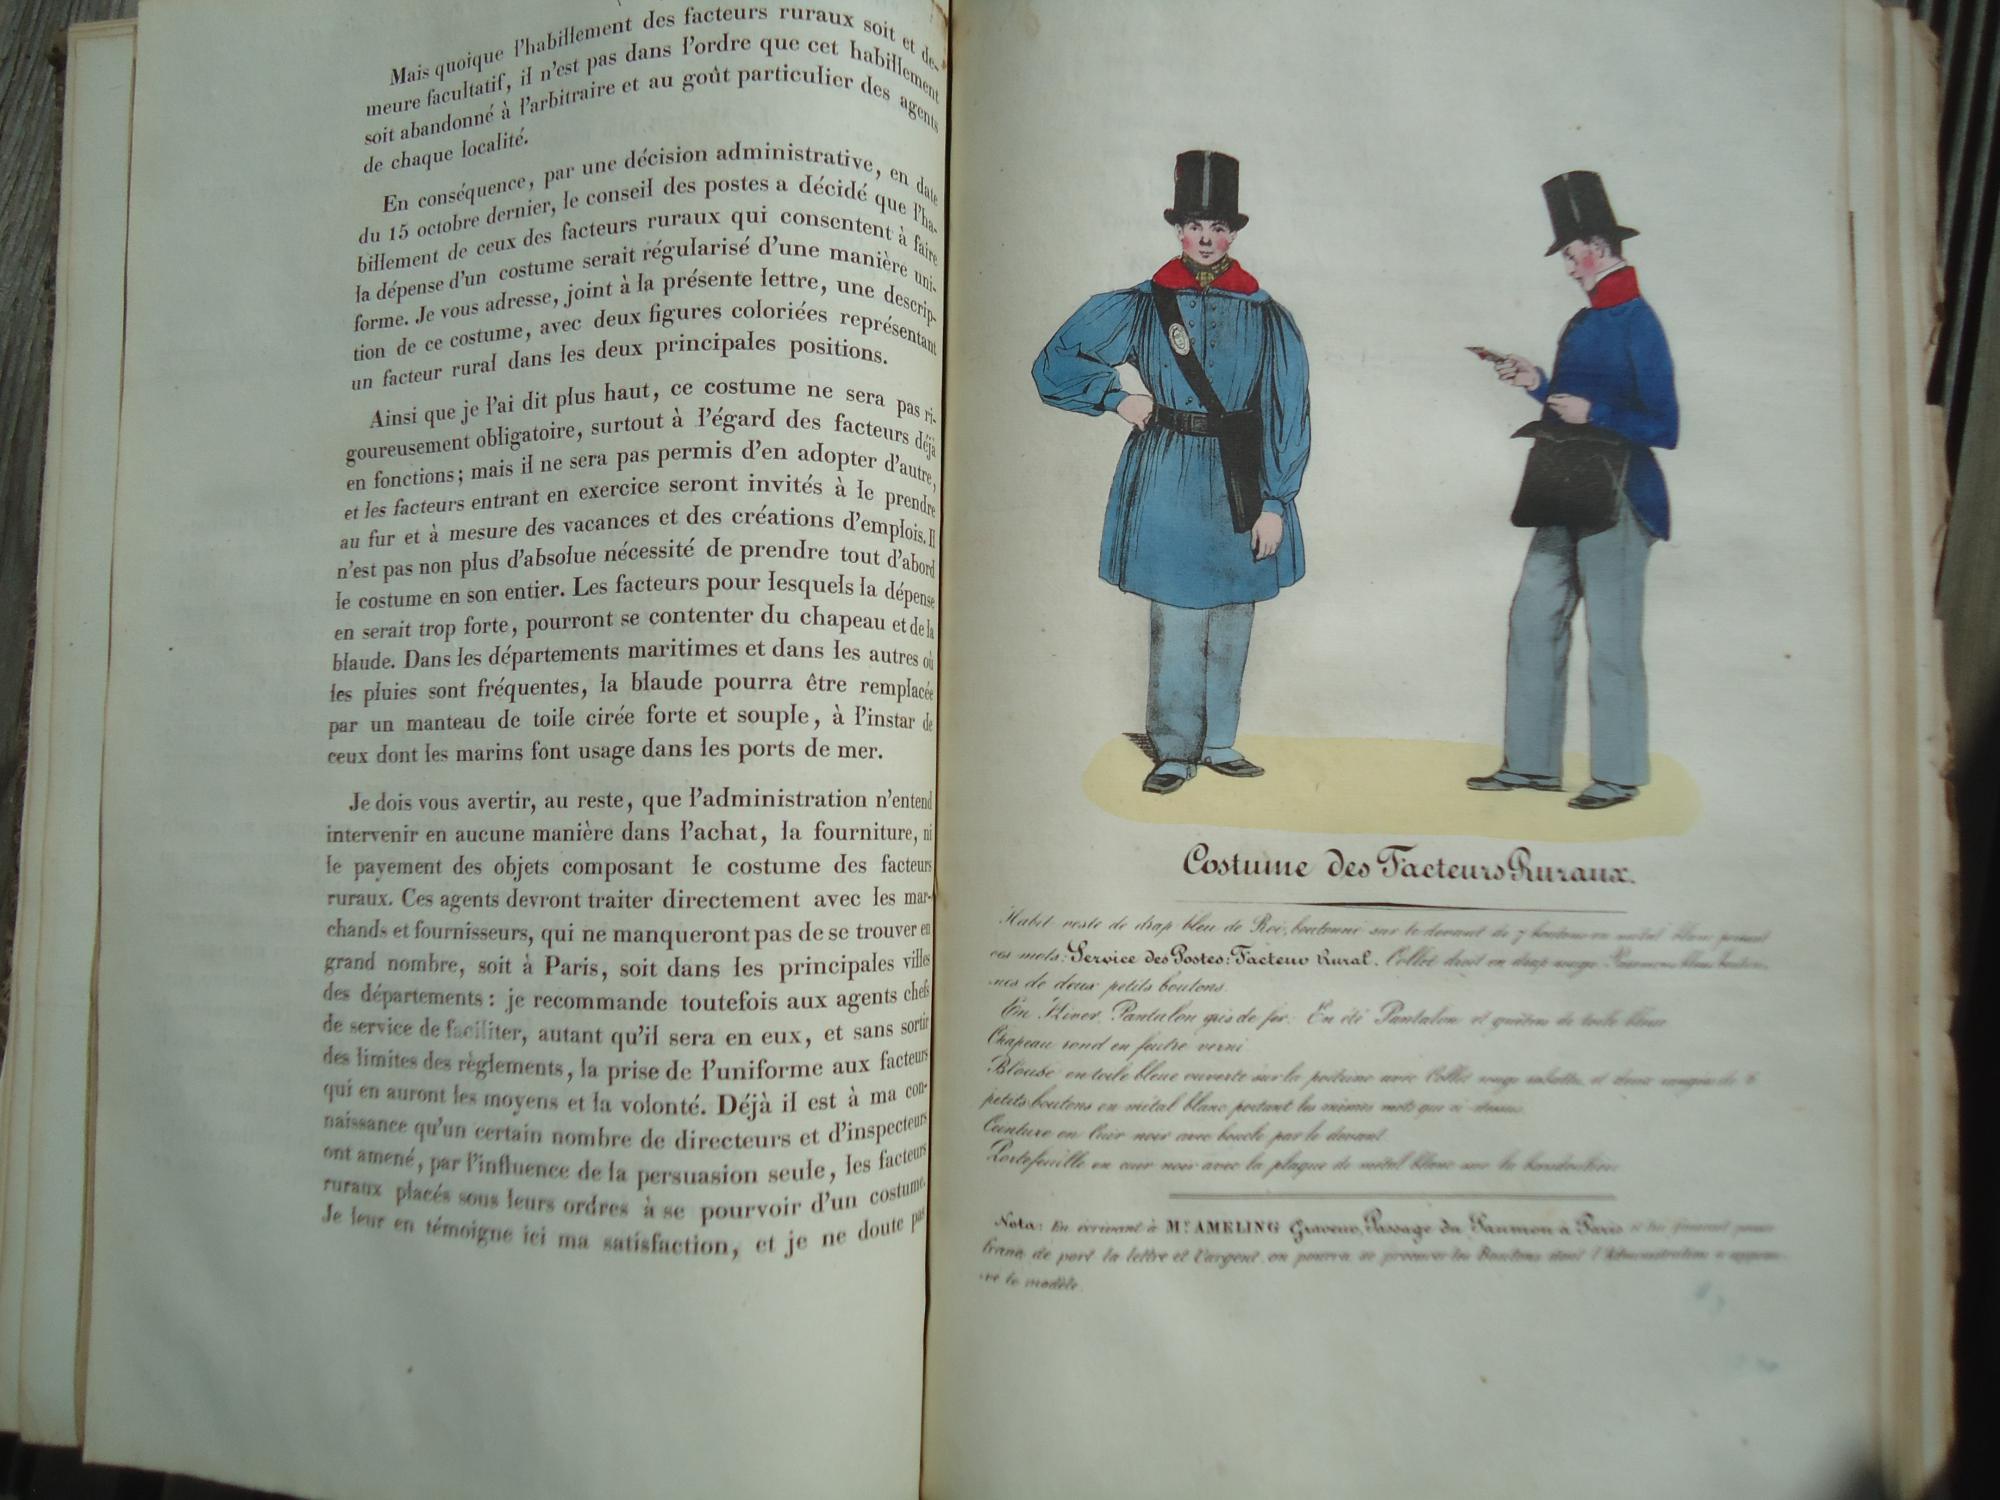 Cornice Lunga E Stretta vialibri ~ rare books from 1832 - page 3